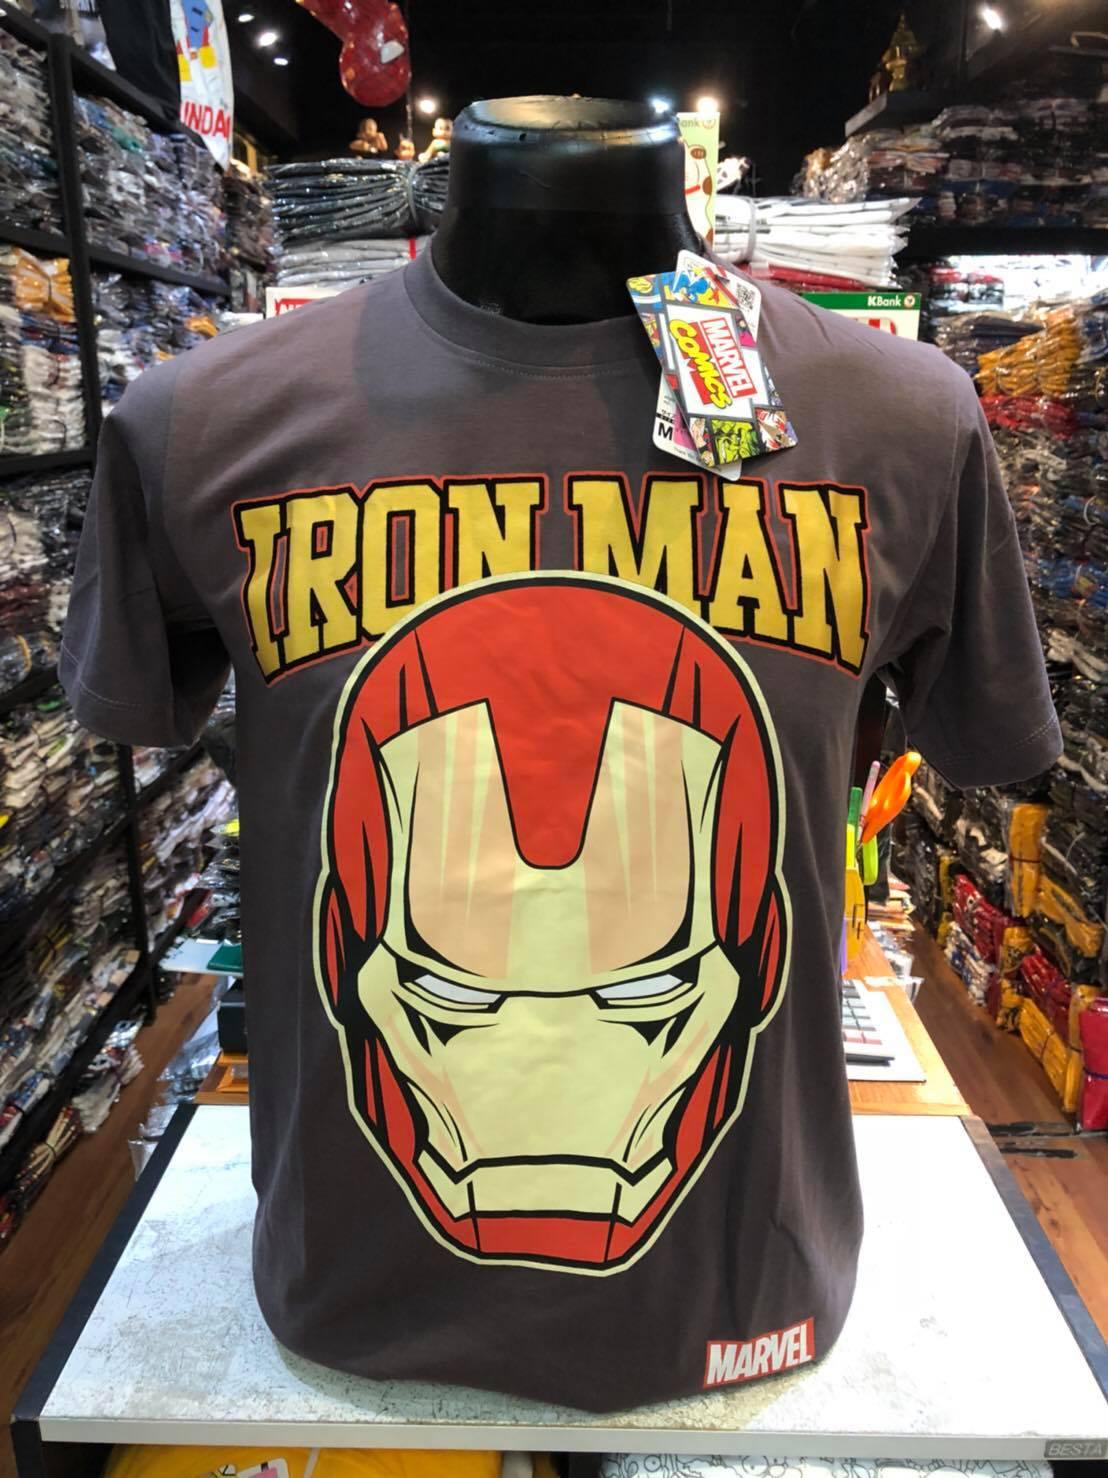 ไอรอนแมน สีเทา (Iron man yellow logo gray)